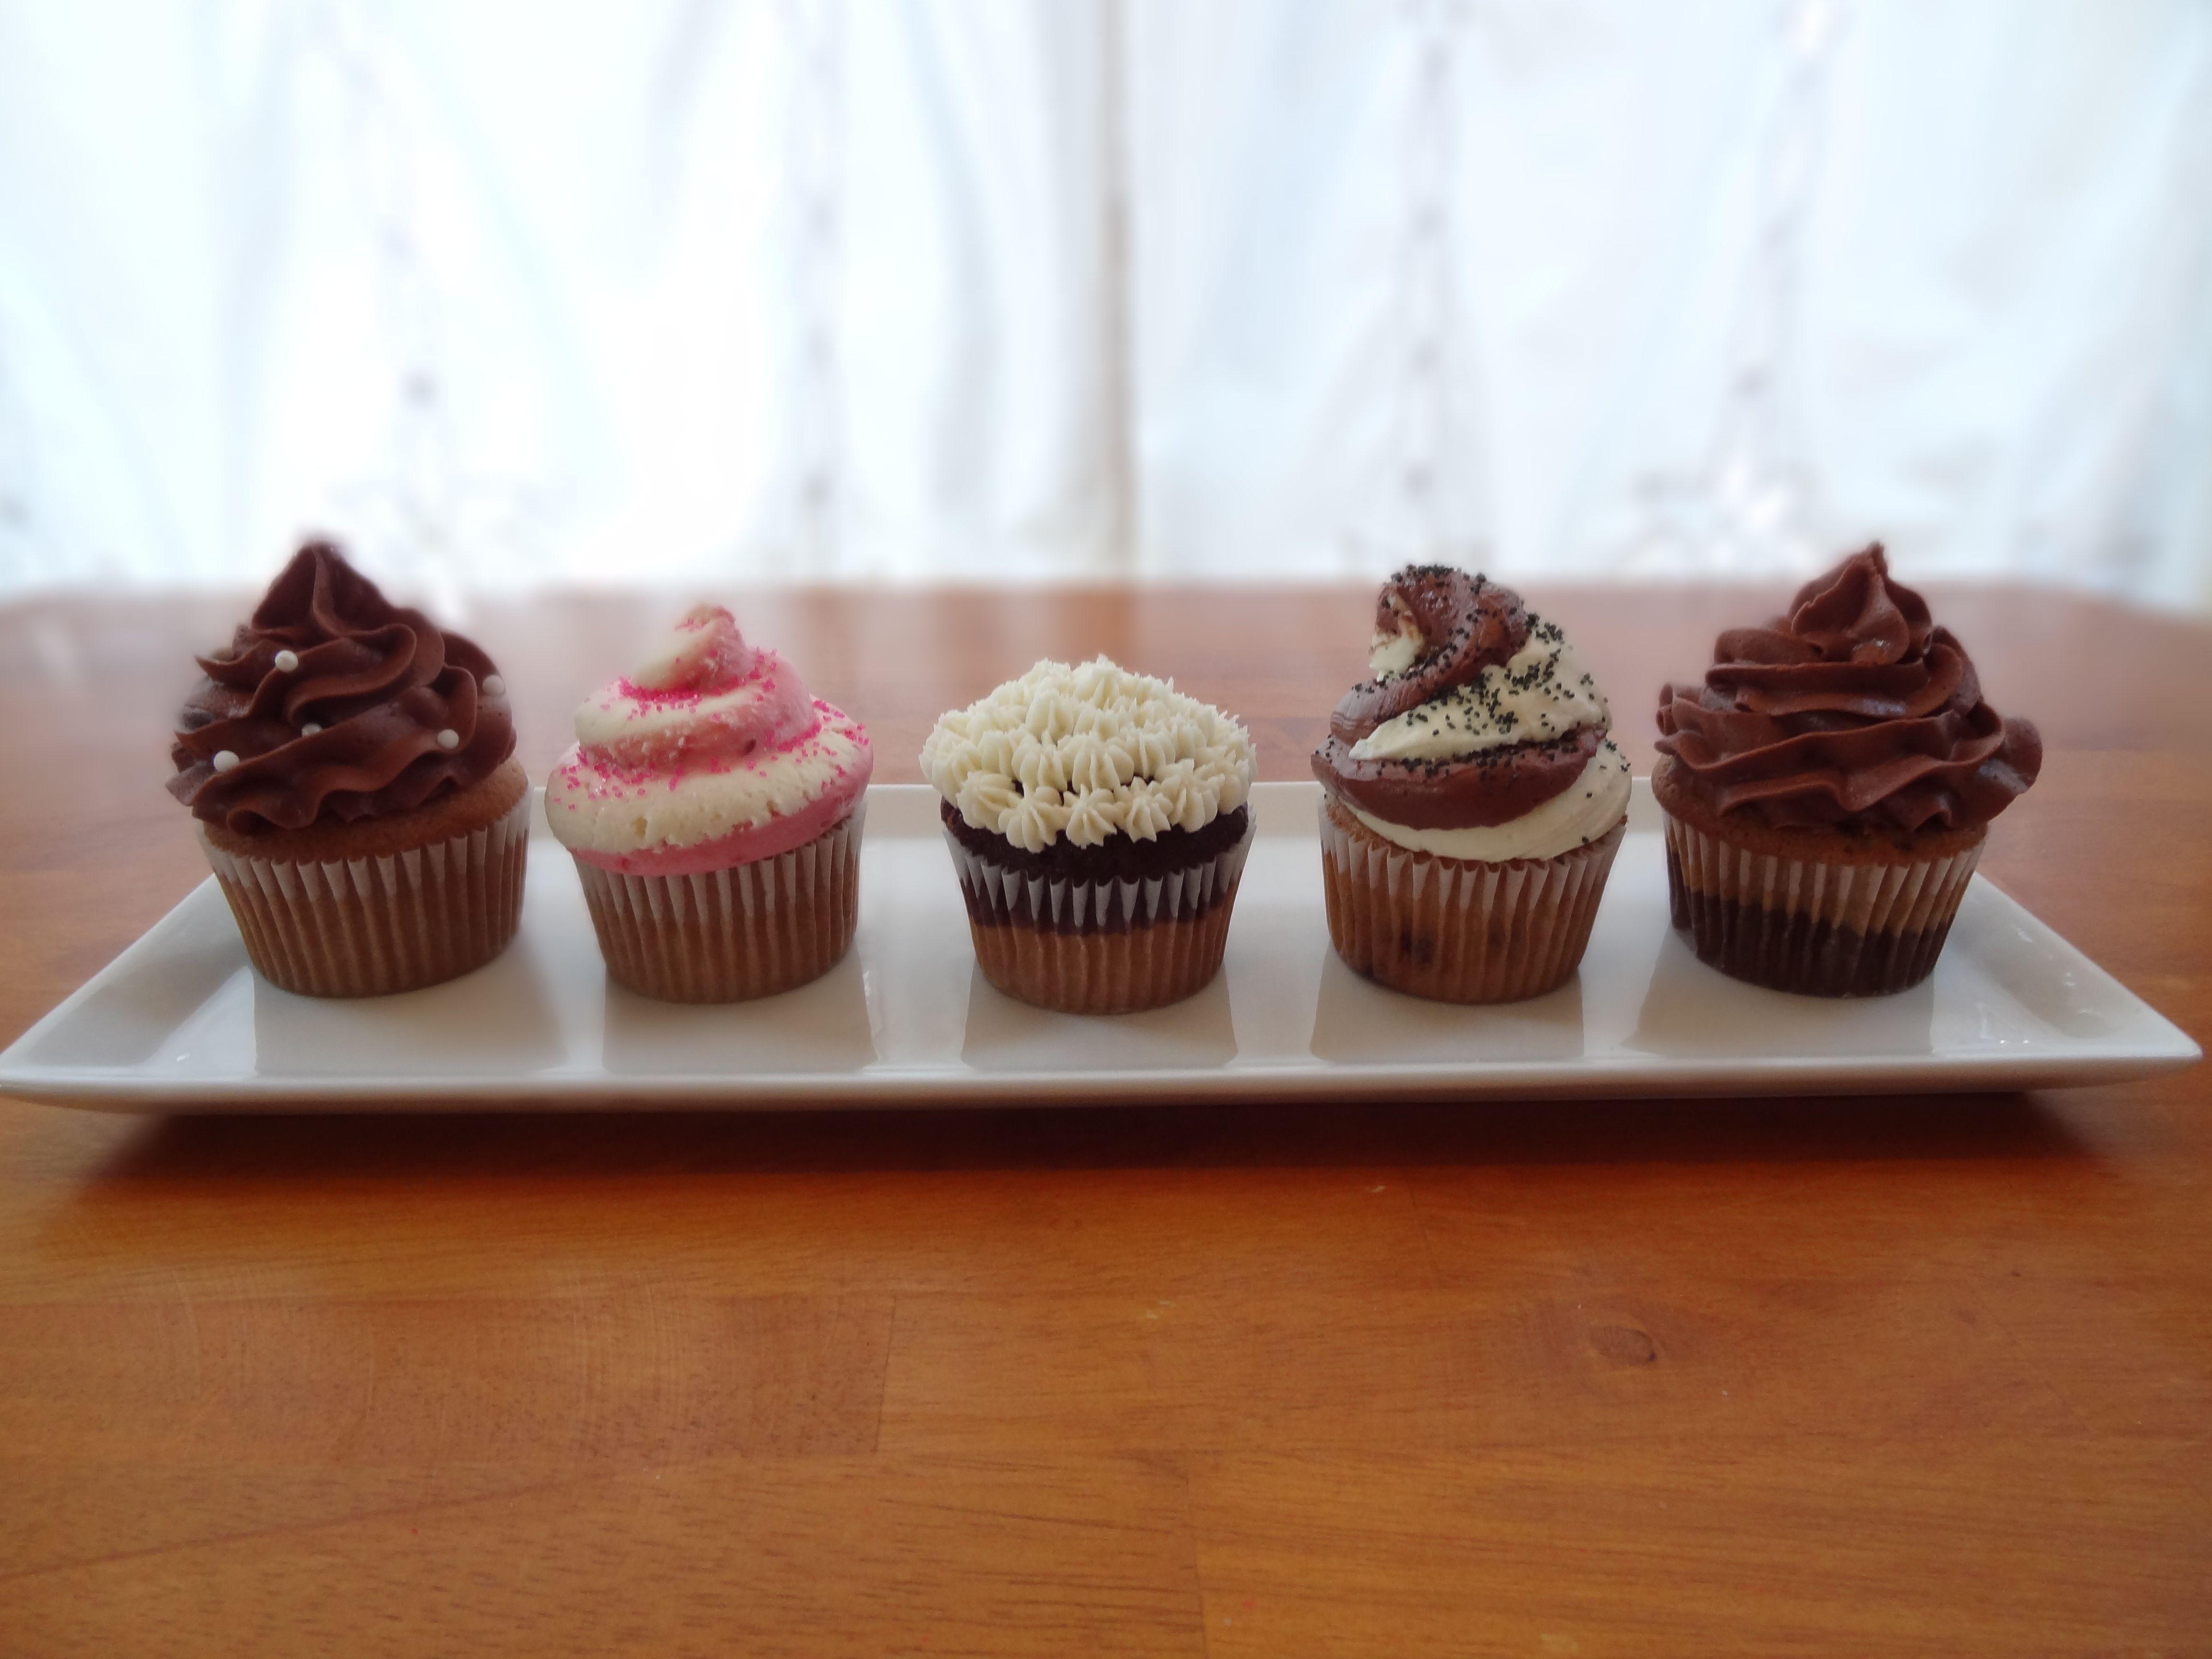 Cake tasting cake tasting cake decorating tips cake